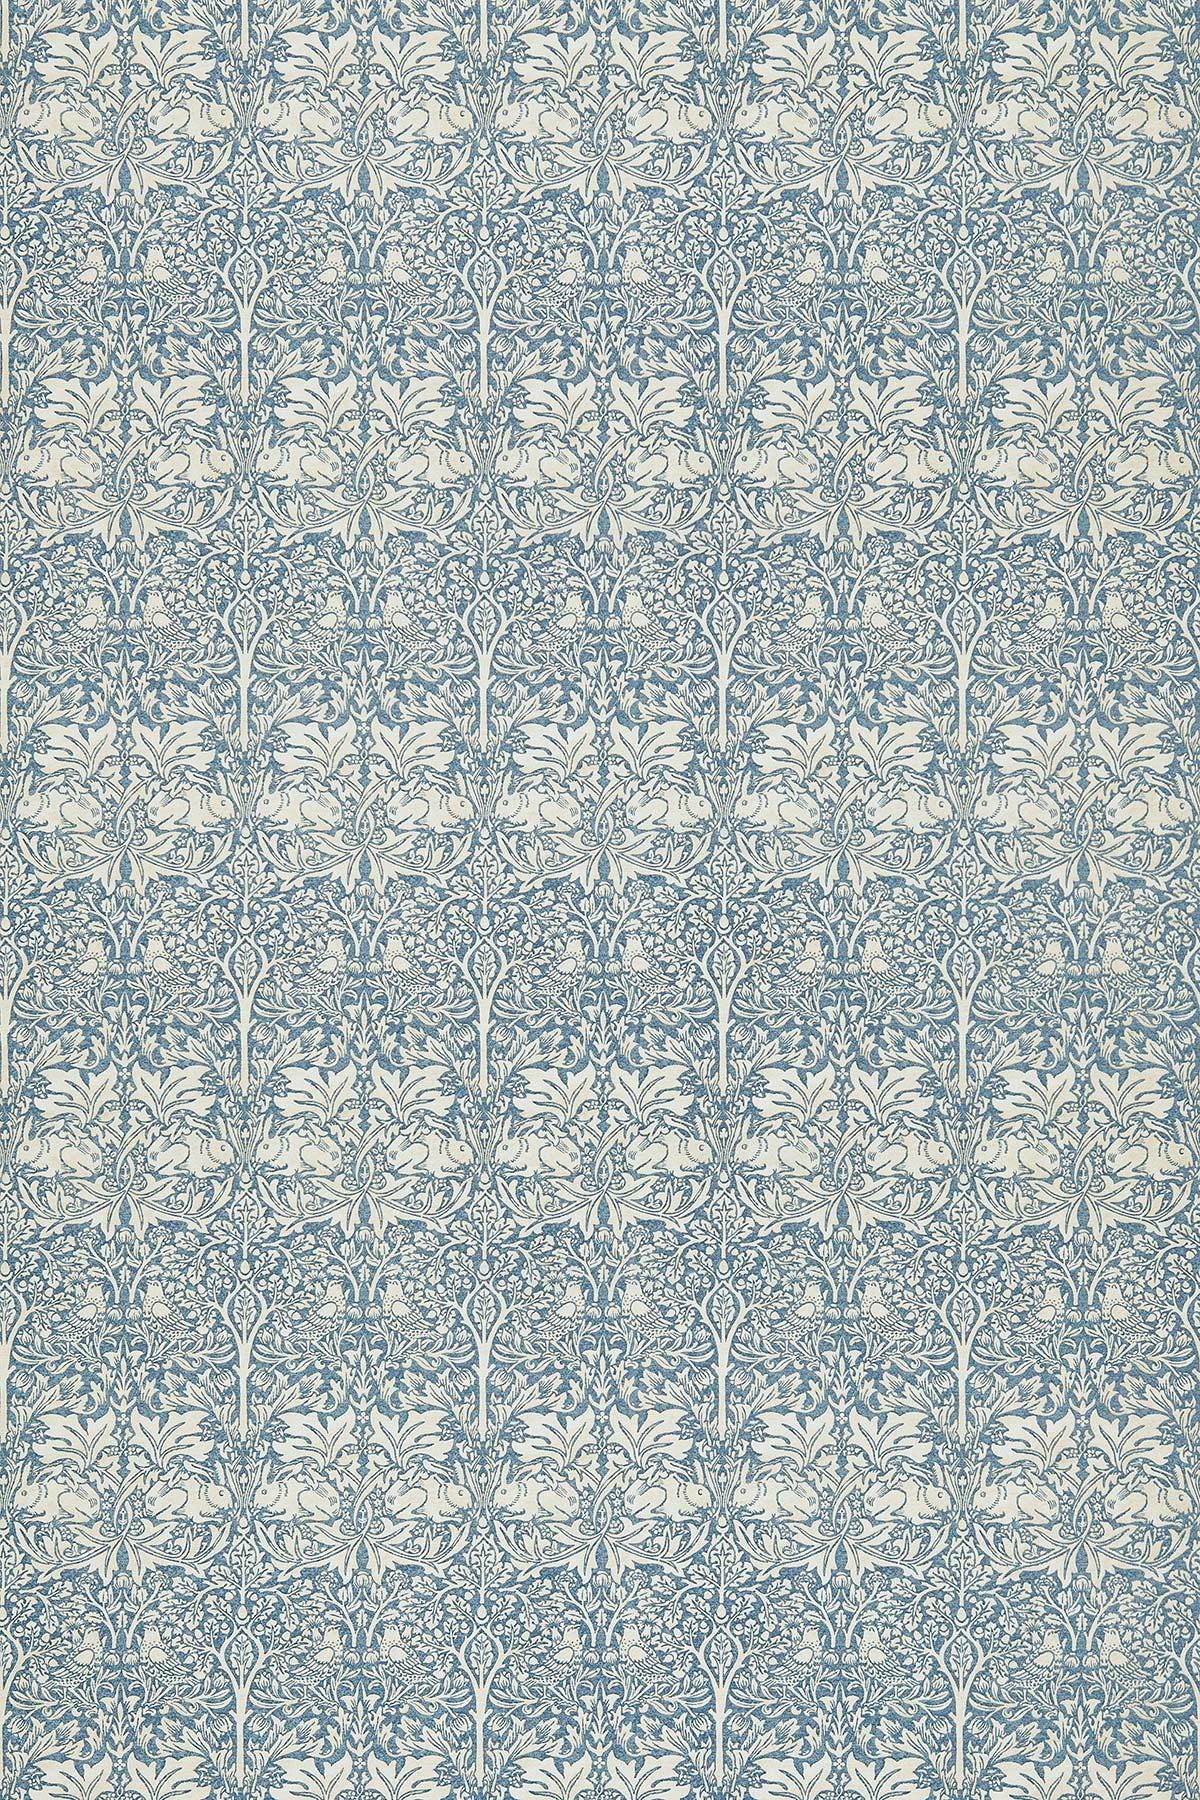 Brer Rabbit Fabric - Slate / Vellum - by Morris